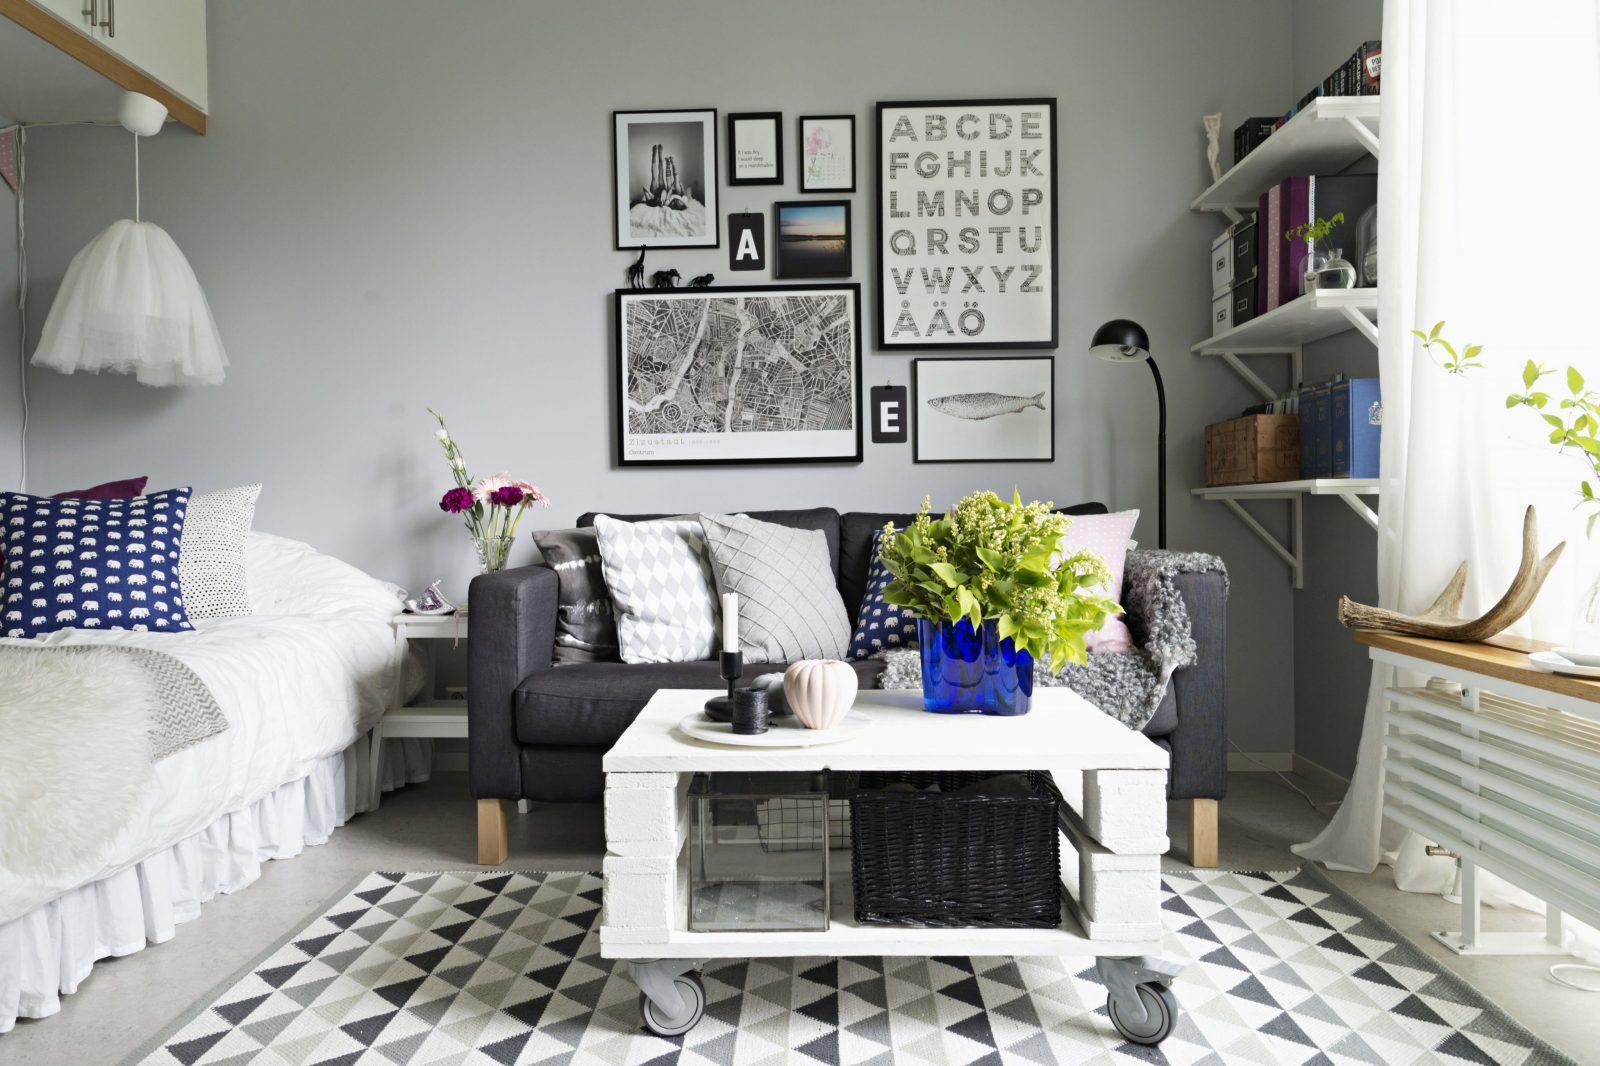 55 Tipps Für Kleine Räume – Westwing Magazin von Kleiderschrank Ideen Kleines Zimmer Photo